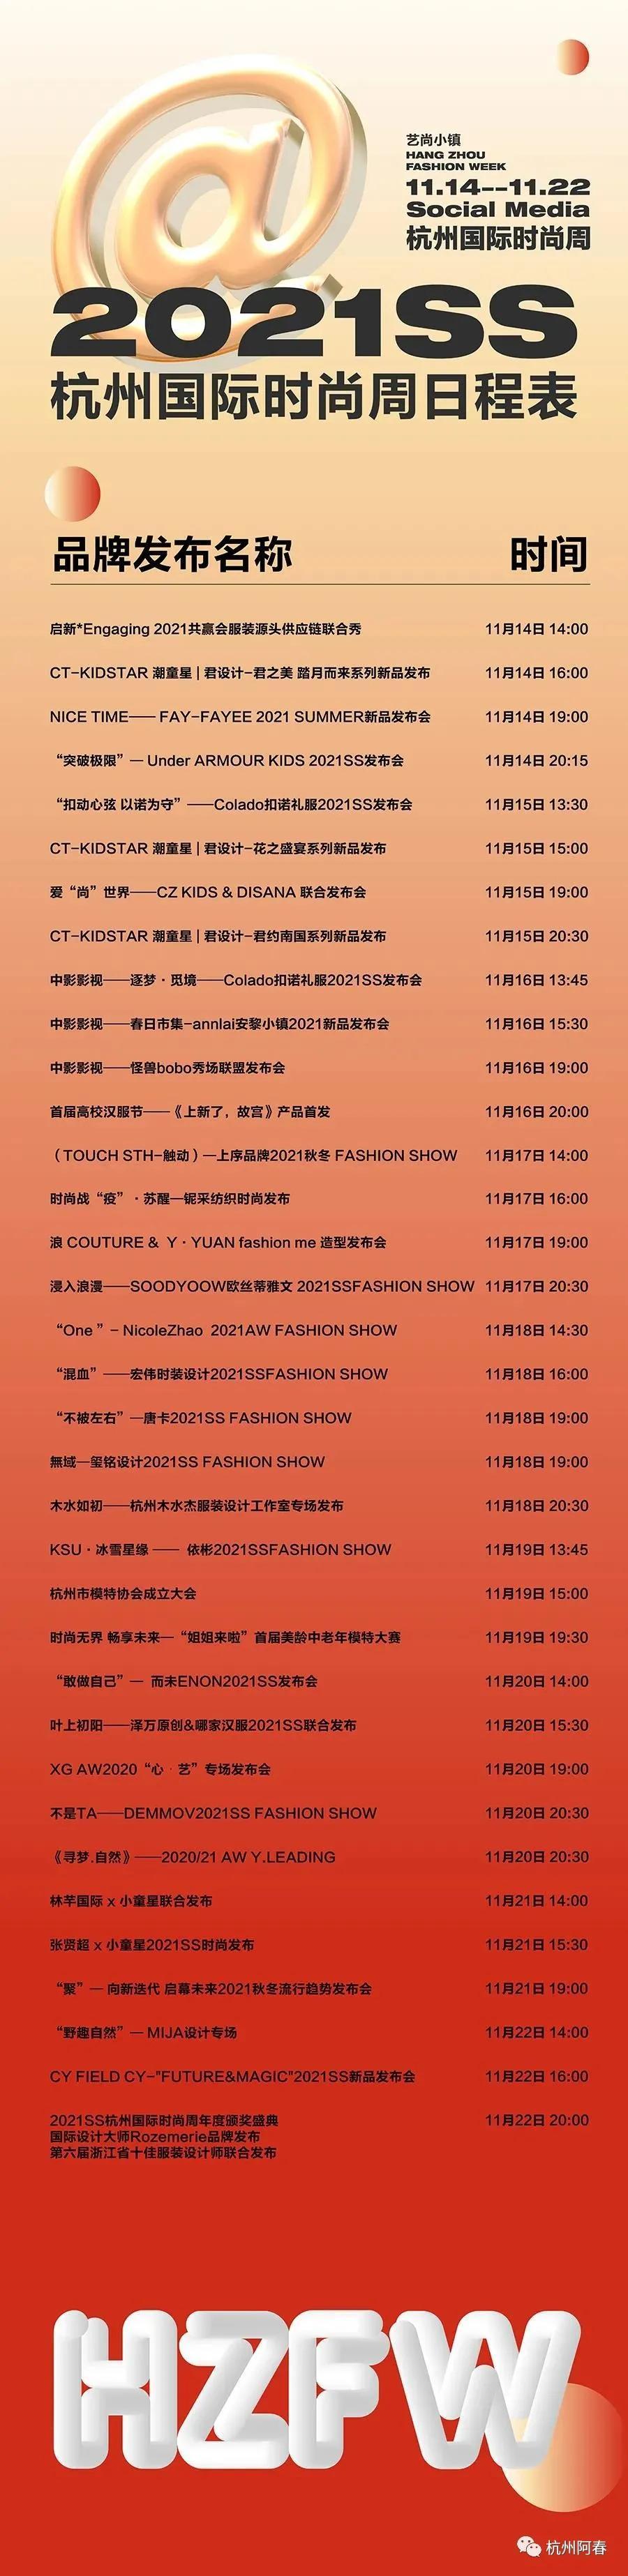 2021SS杭州国际时尚周的官方日程来啦